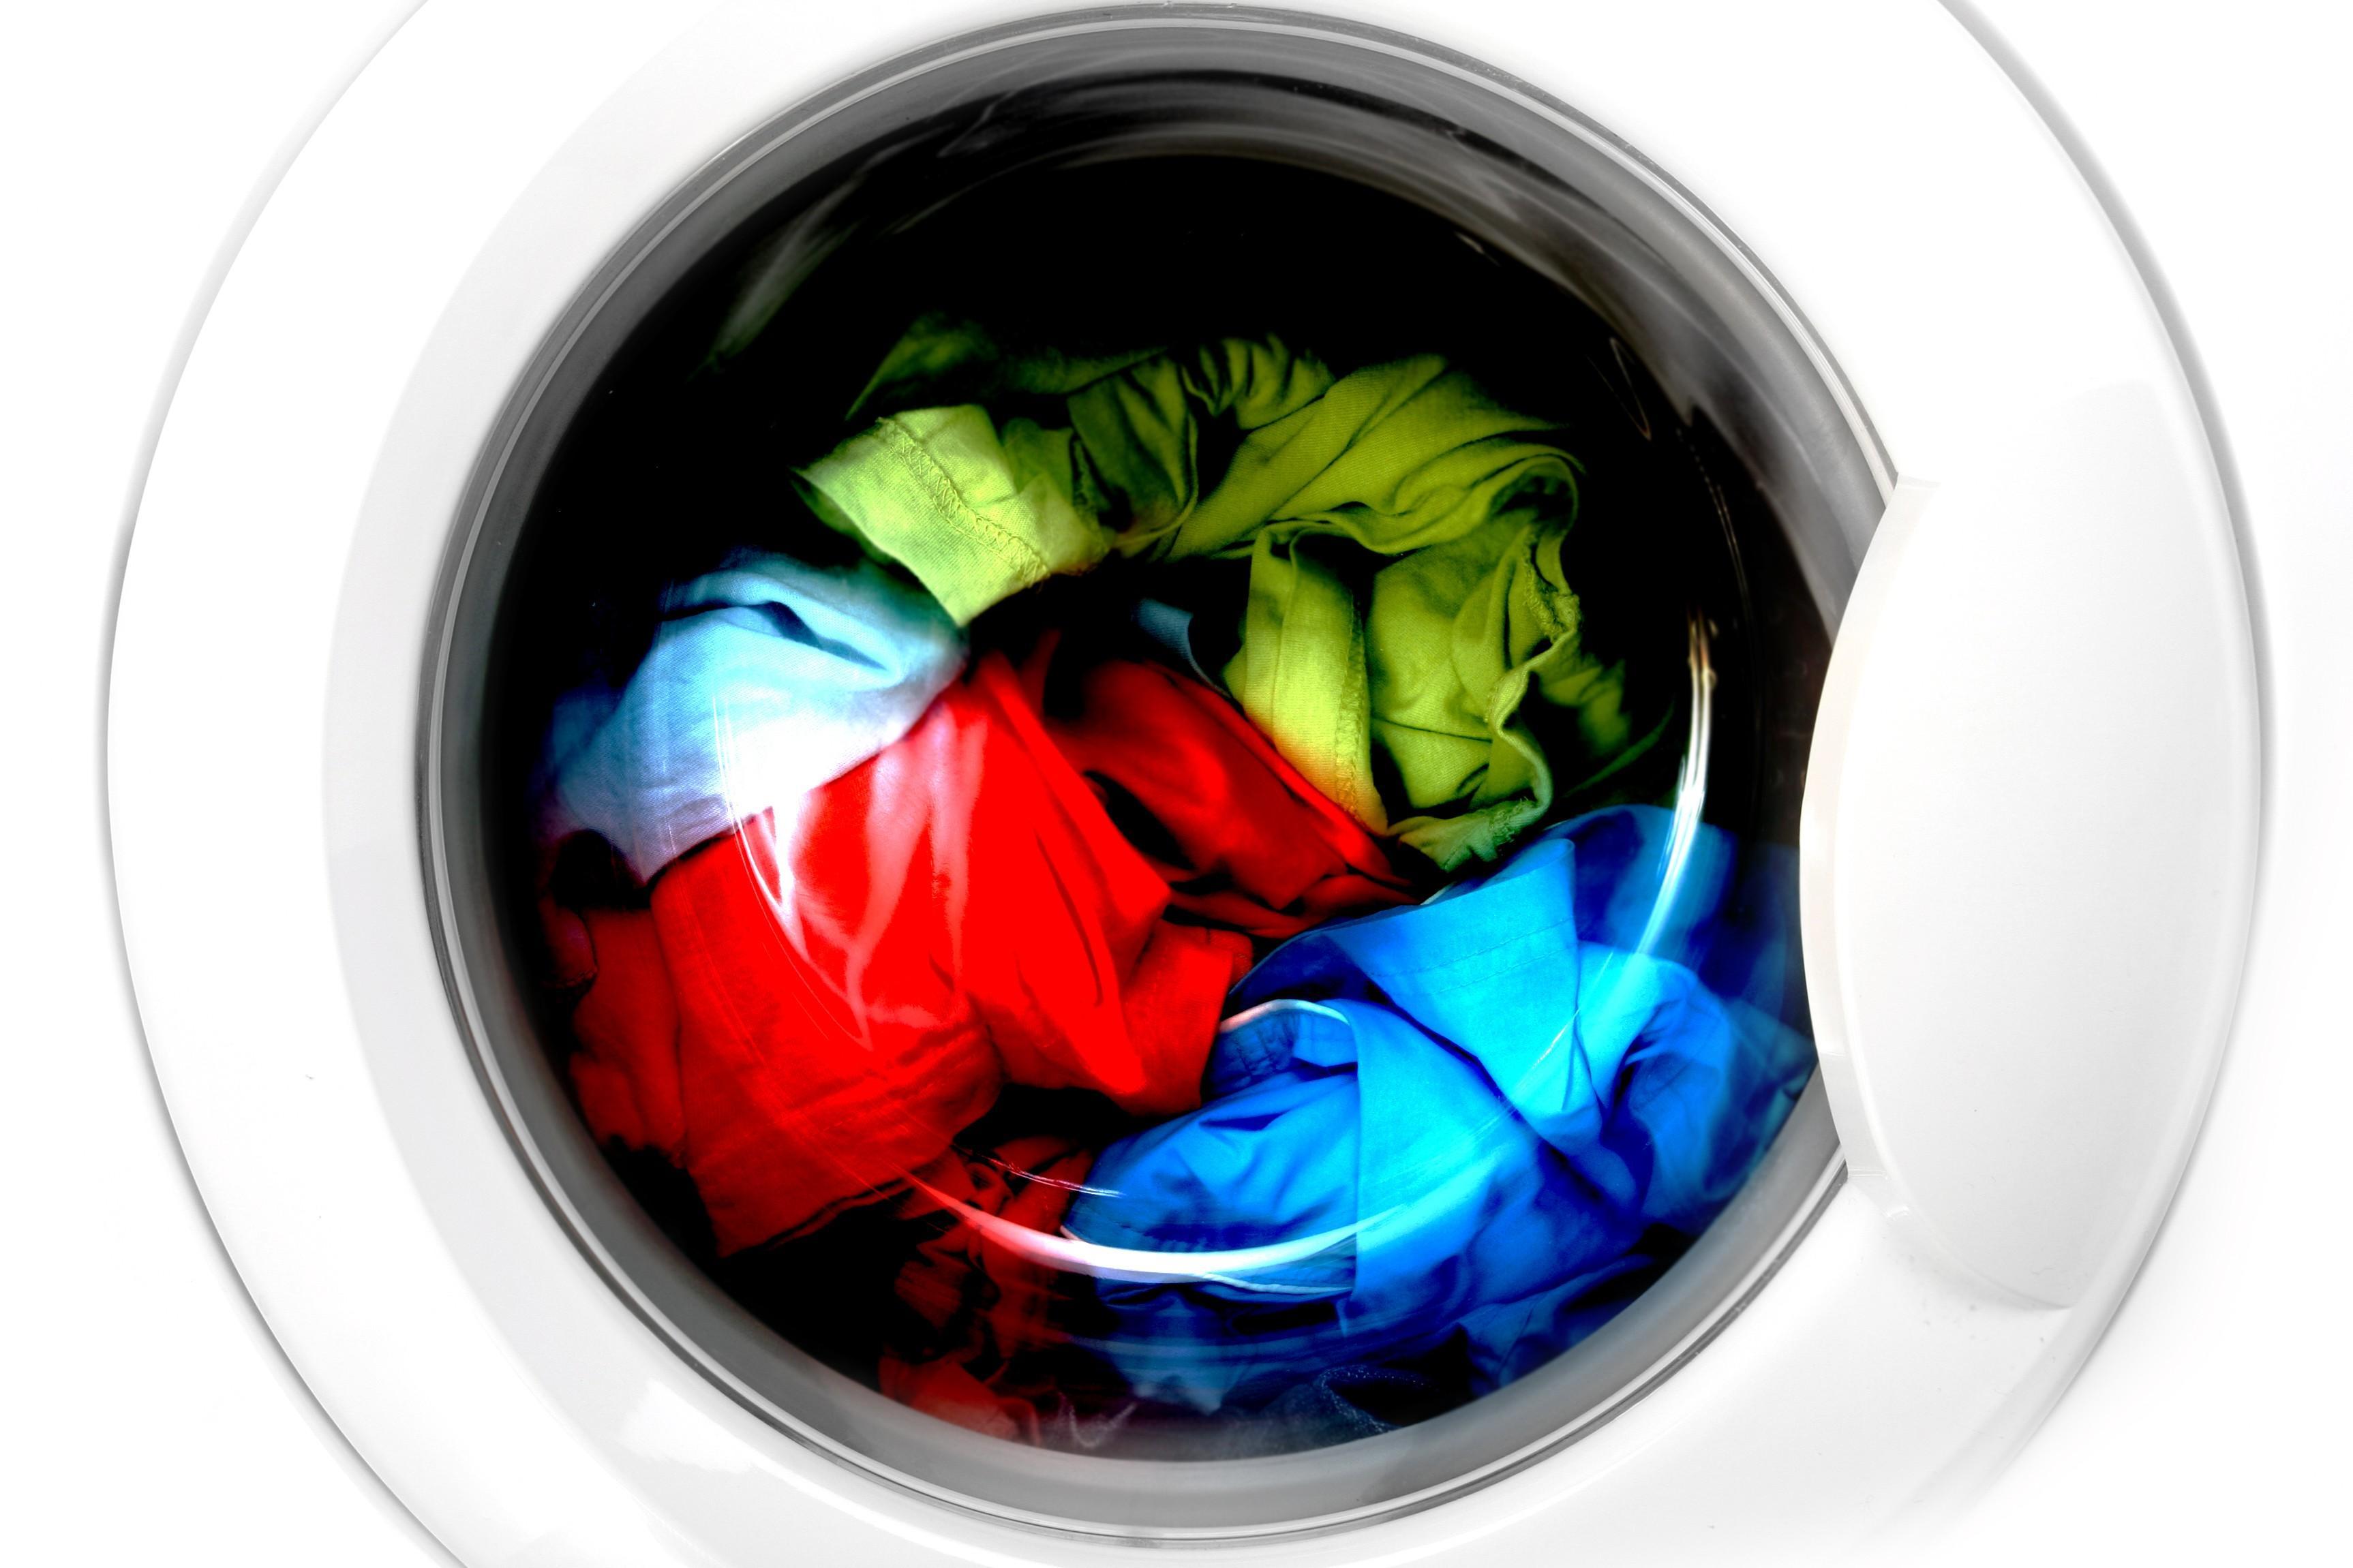 Nessun risarcimento se la lavatrice del vicino è troppo rumorosa